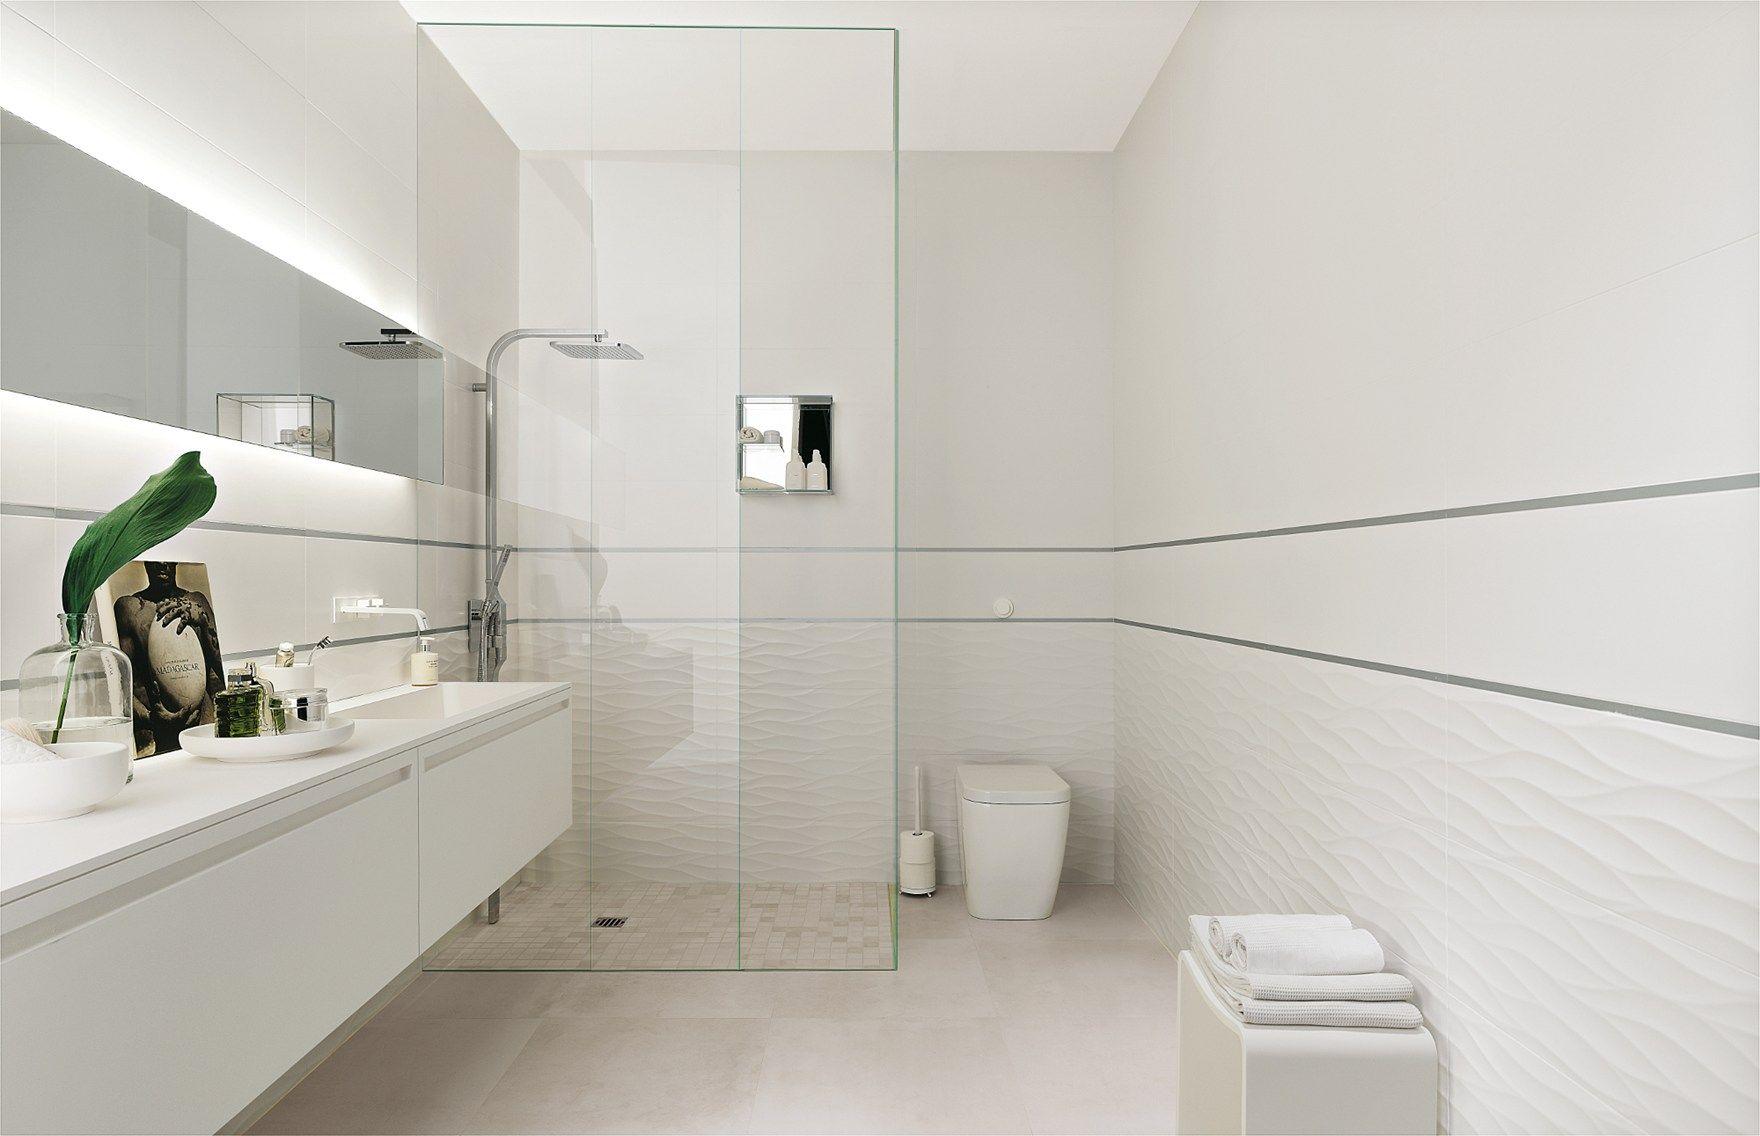 Texture tridimensionali opache o lucide - Piastrelle bagno lucide o opache ...